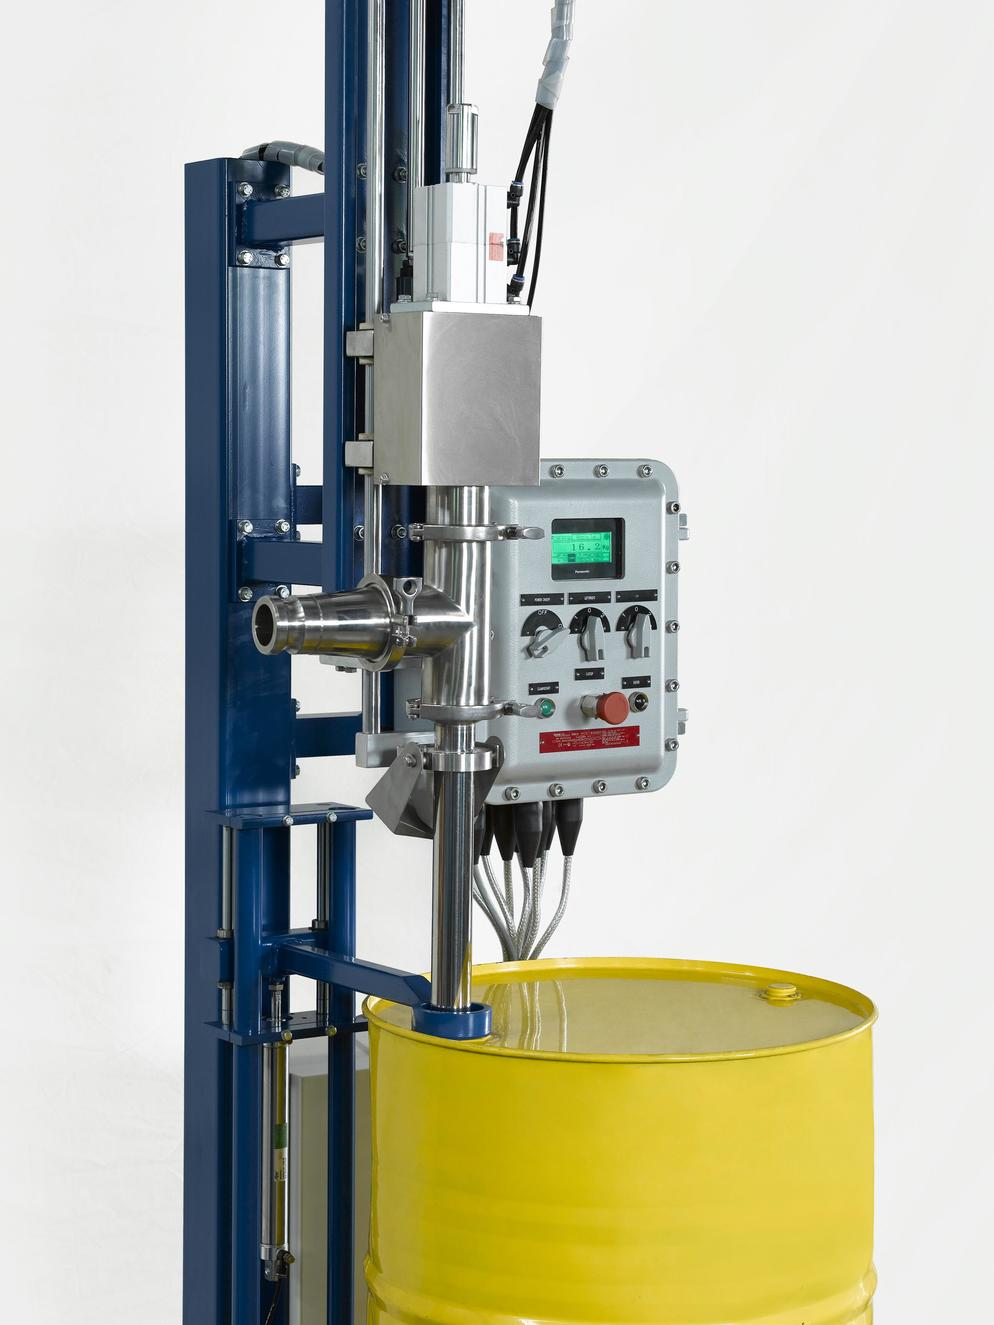 塑料桶液体自动灌装机出租